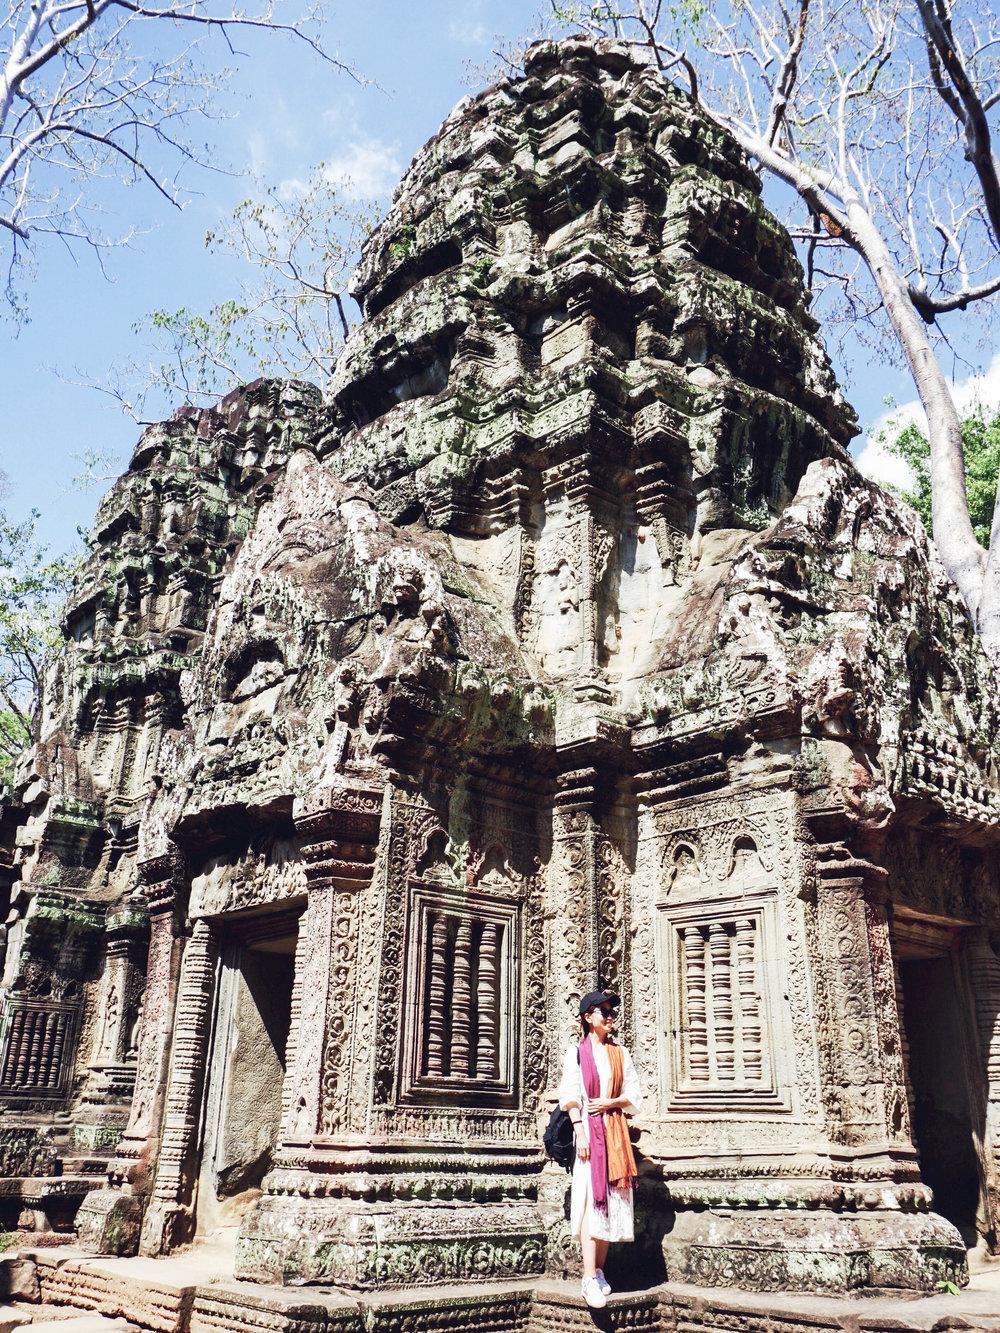 Cambodia - Angkor Wat.jpg